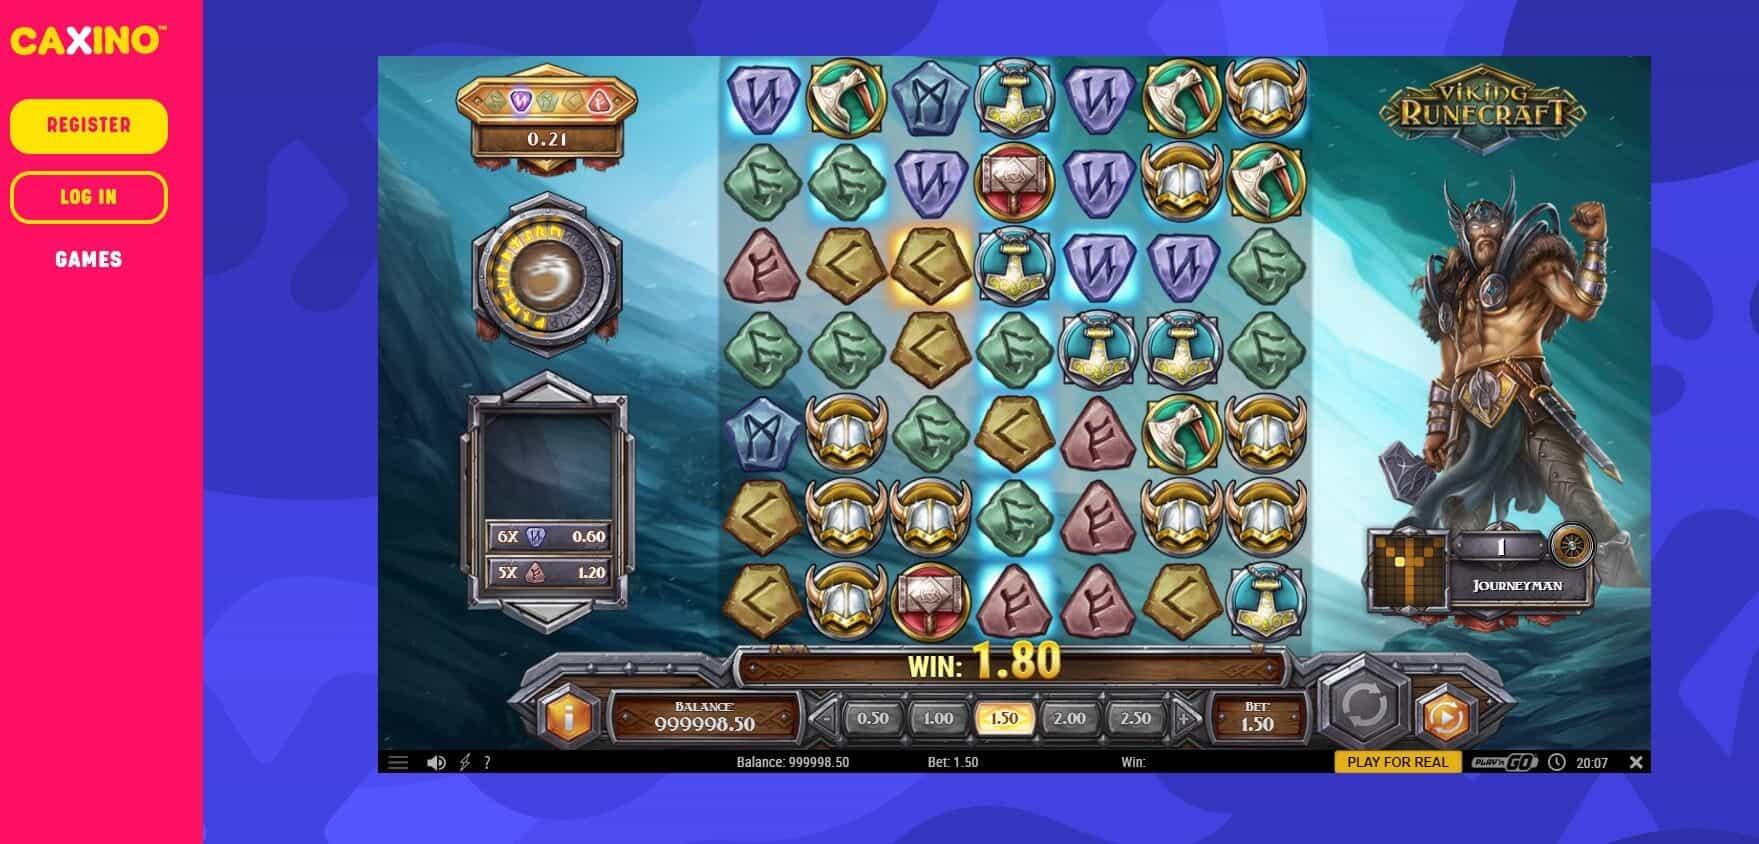 Caxino Casino Viking Slot